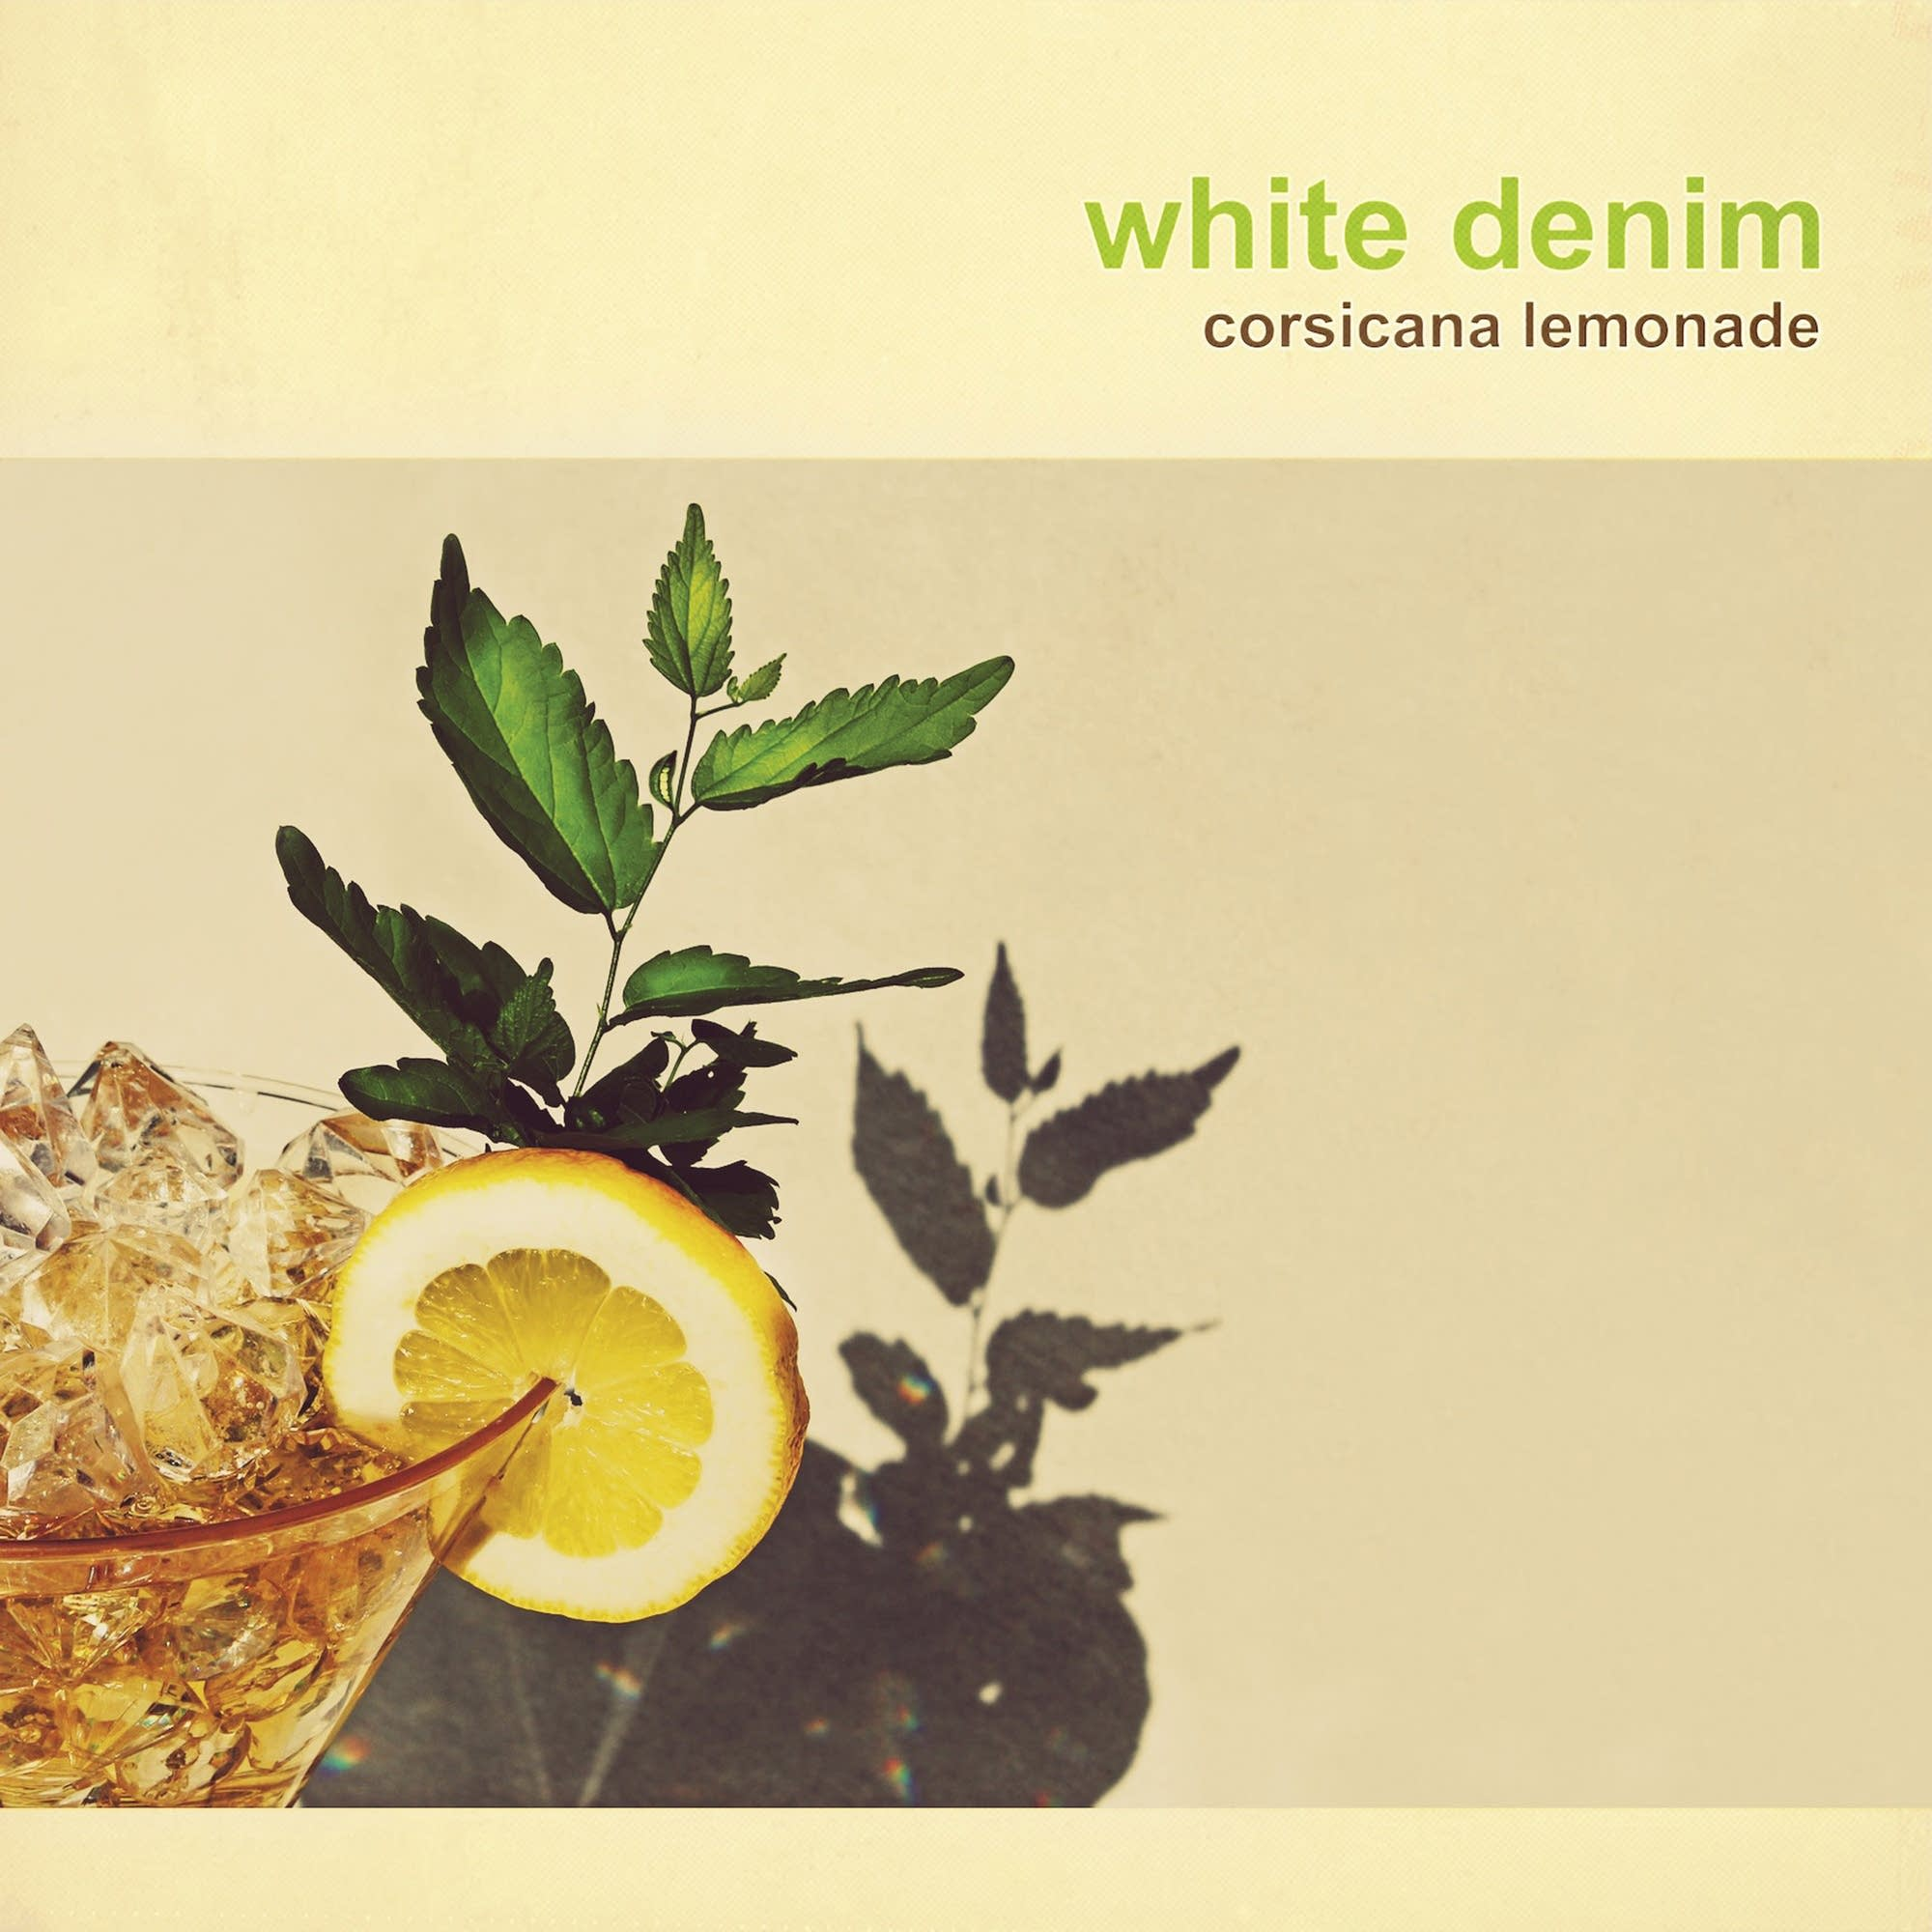 ¿Qué Estás Escuchando? - Página 40 Fe4522-20131018-white-denim-corsicana-lemonade